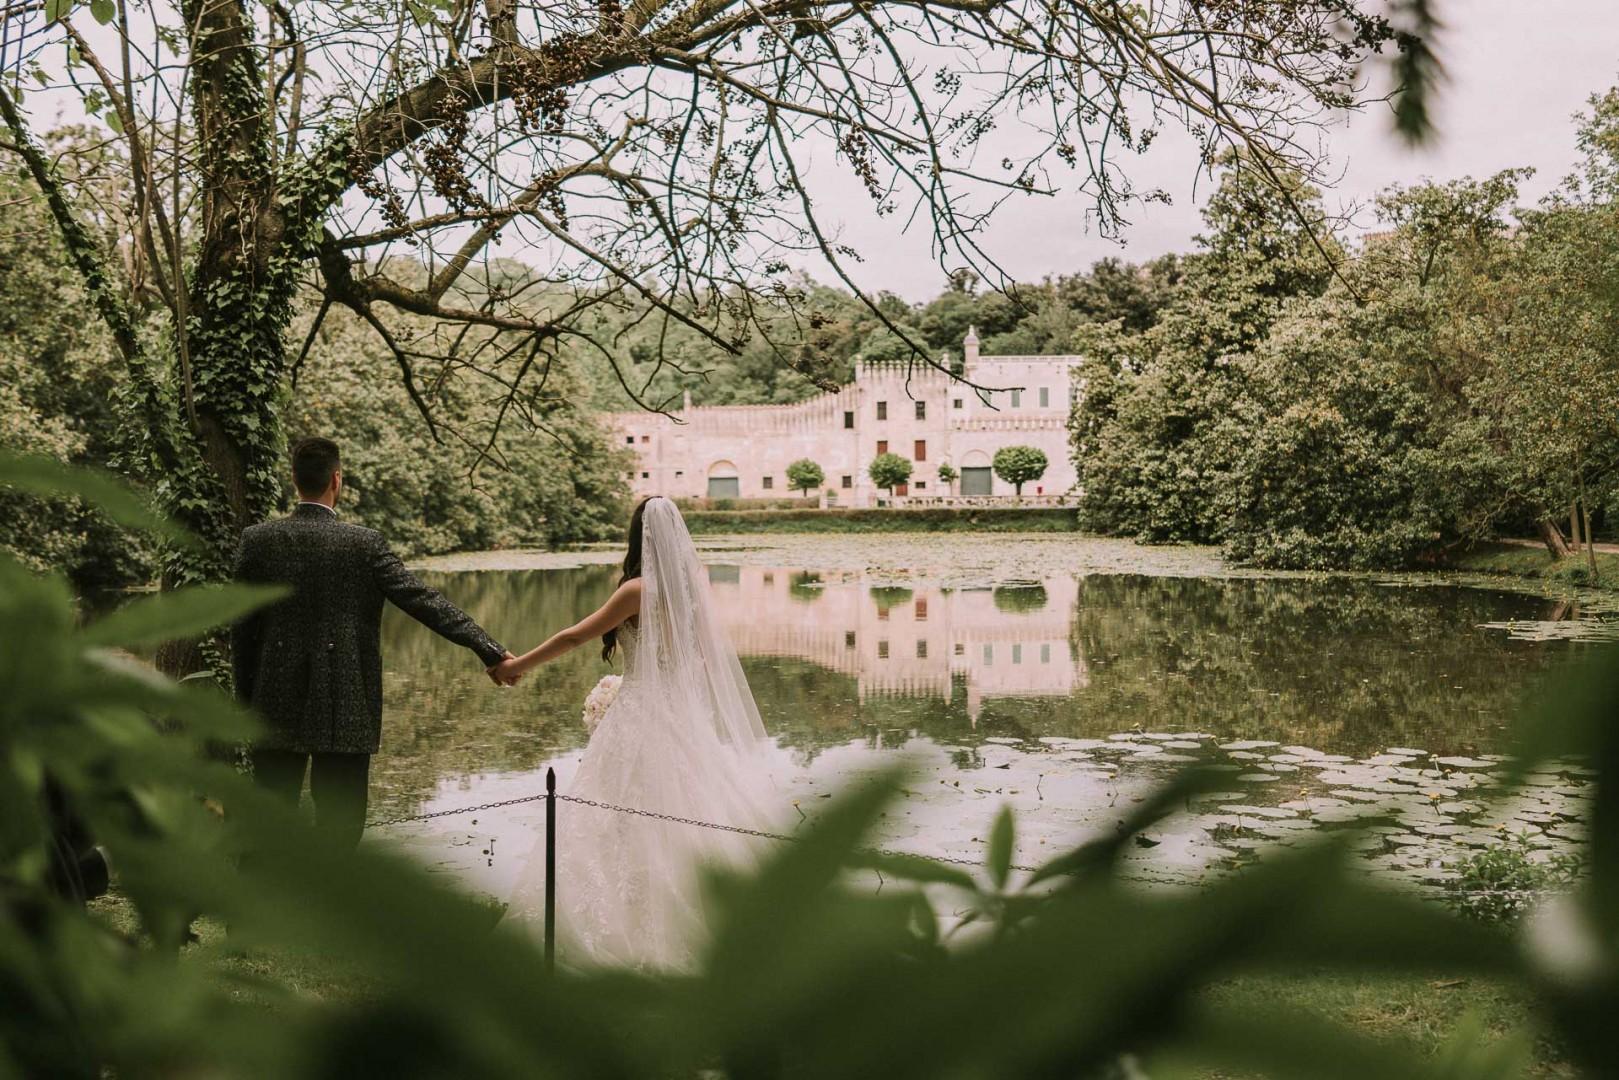 Castello-Catajo-Padova-Nicola-Da-Lio-131